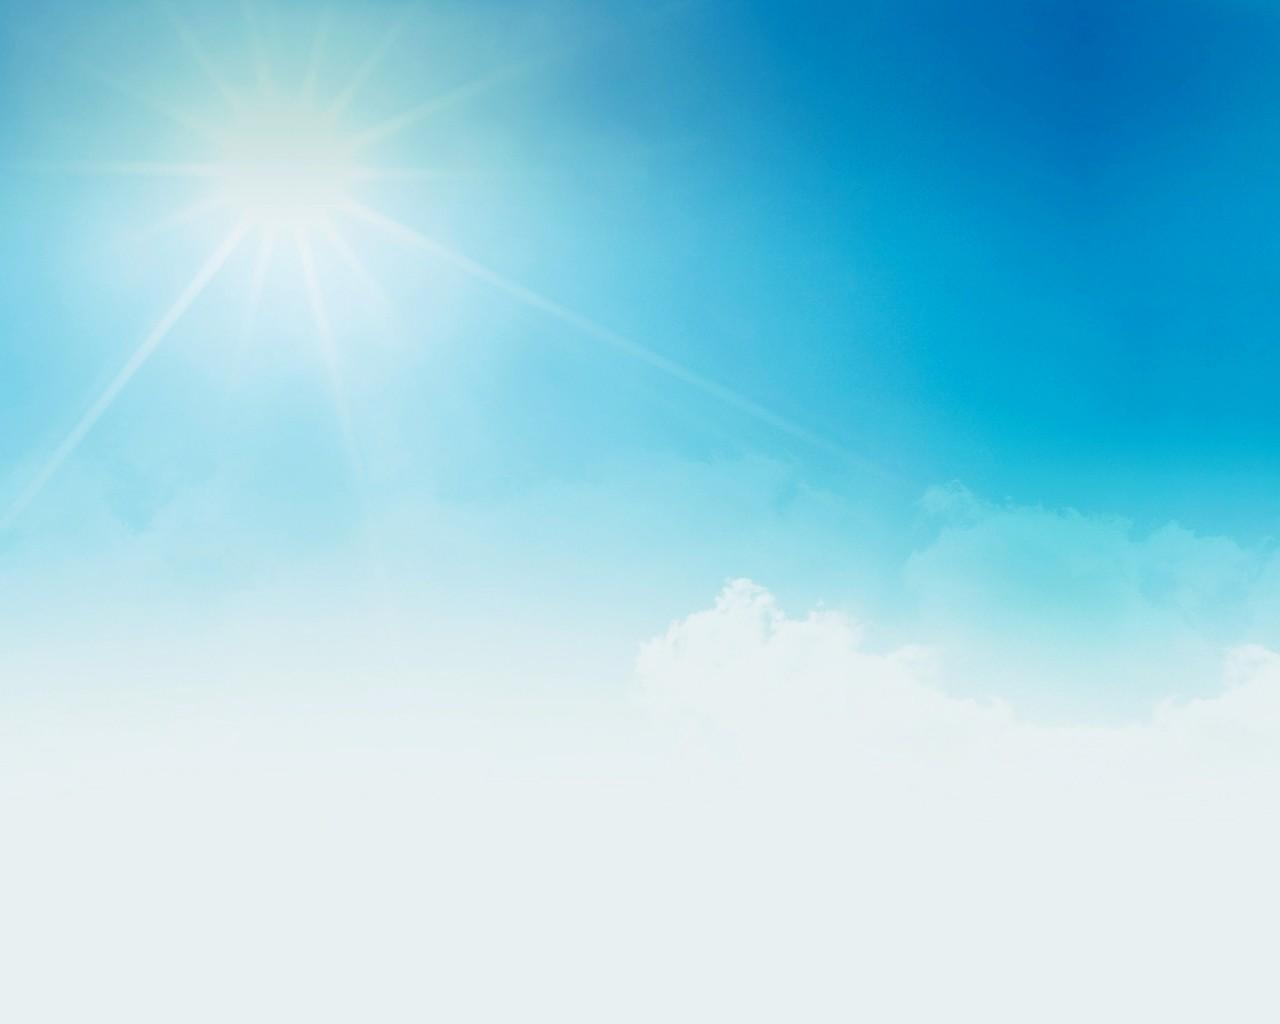 обои небо и солнце на рабочий стол